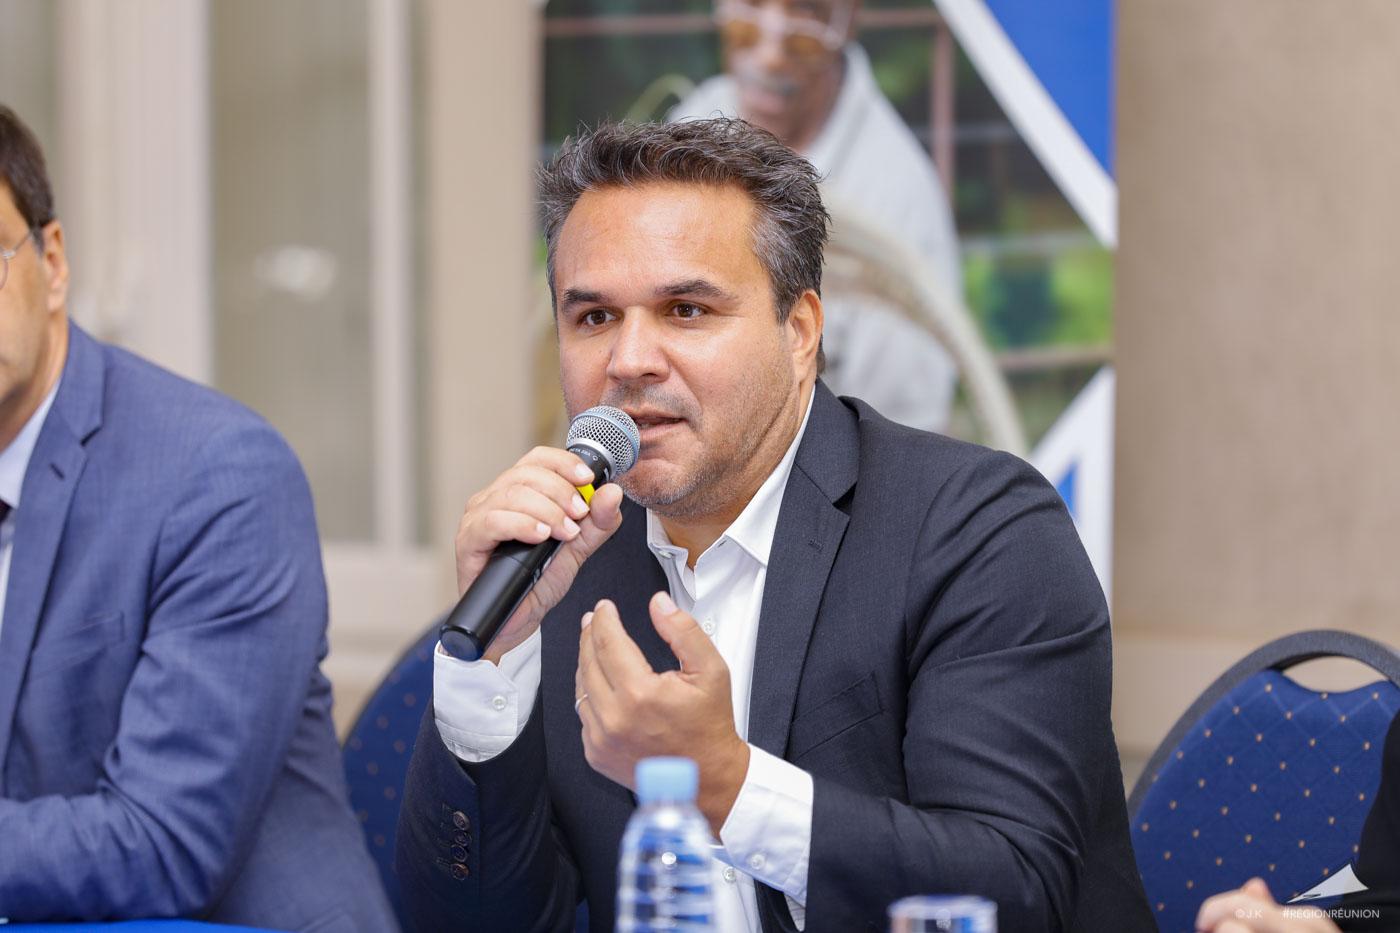 La Réunion : Le Président de la Région Réunion Didier Robert demande la mise en place de mesures compensatoires pour les entreprises réunionnaises au ministre Bruno Le Maire